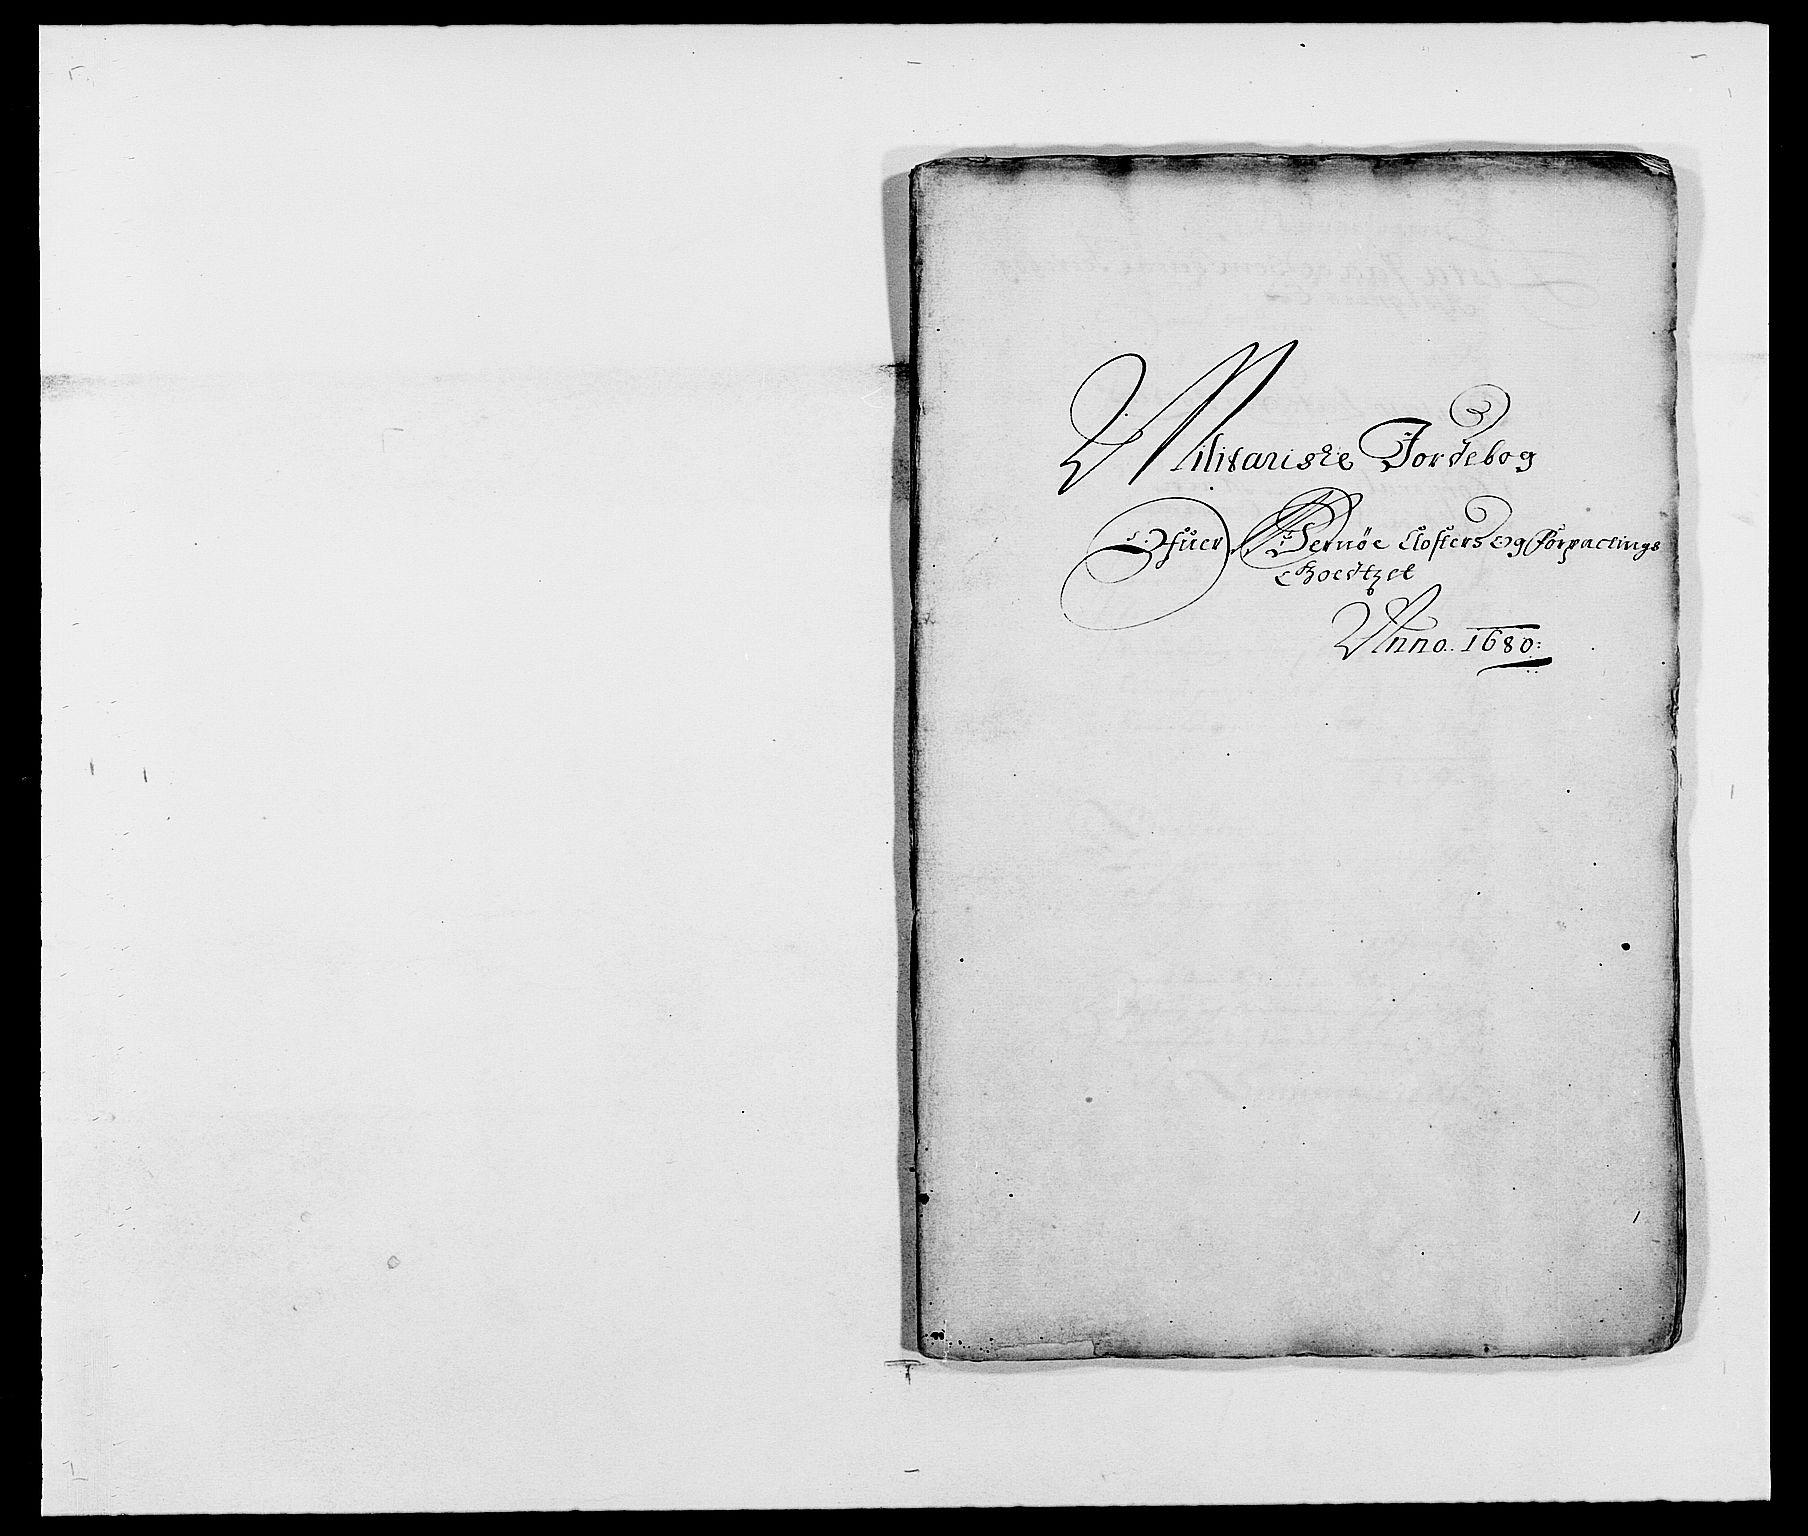 RA, Rentekammeret inntil 1814, Reviderte regnskaper, Fogderegnskap, R02/L0101: Fogderegnskap Moss og Verne kloster, 1680, s. 291